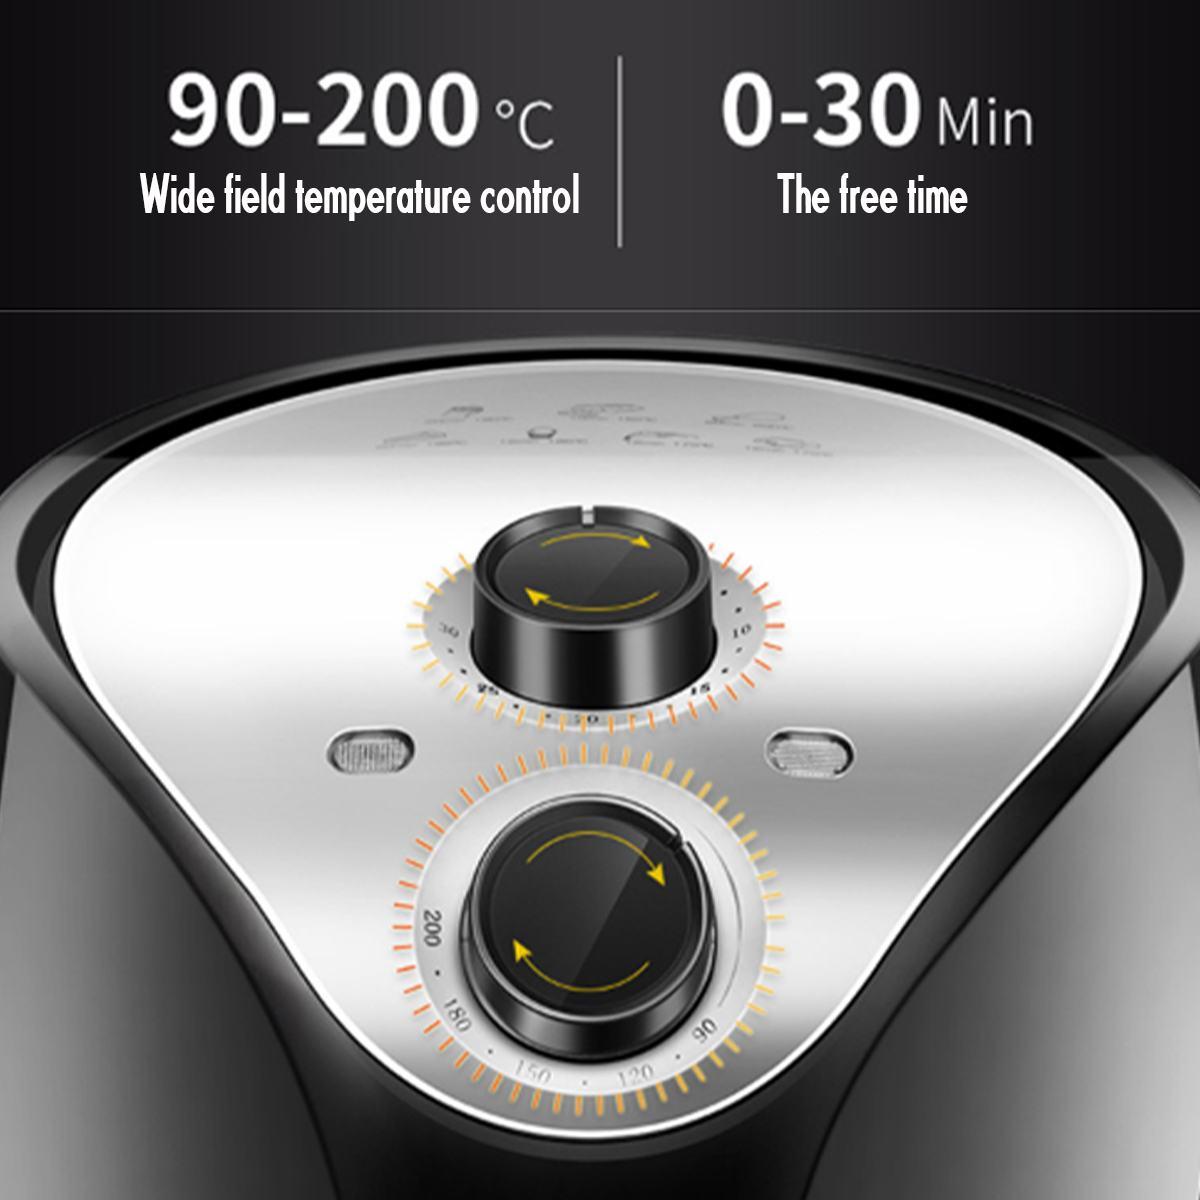 Friteuse à Air friteuse électrique 1500W 220V 5.5L 360 ° haute vitesse Circulation d'air chaud multifonction cuisinière four faible en gras santé Pan - 4